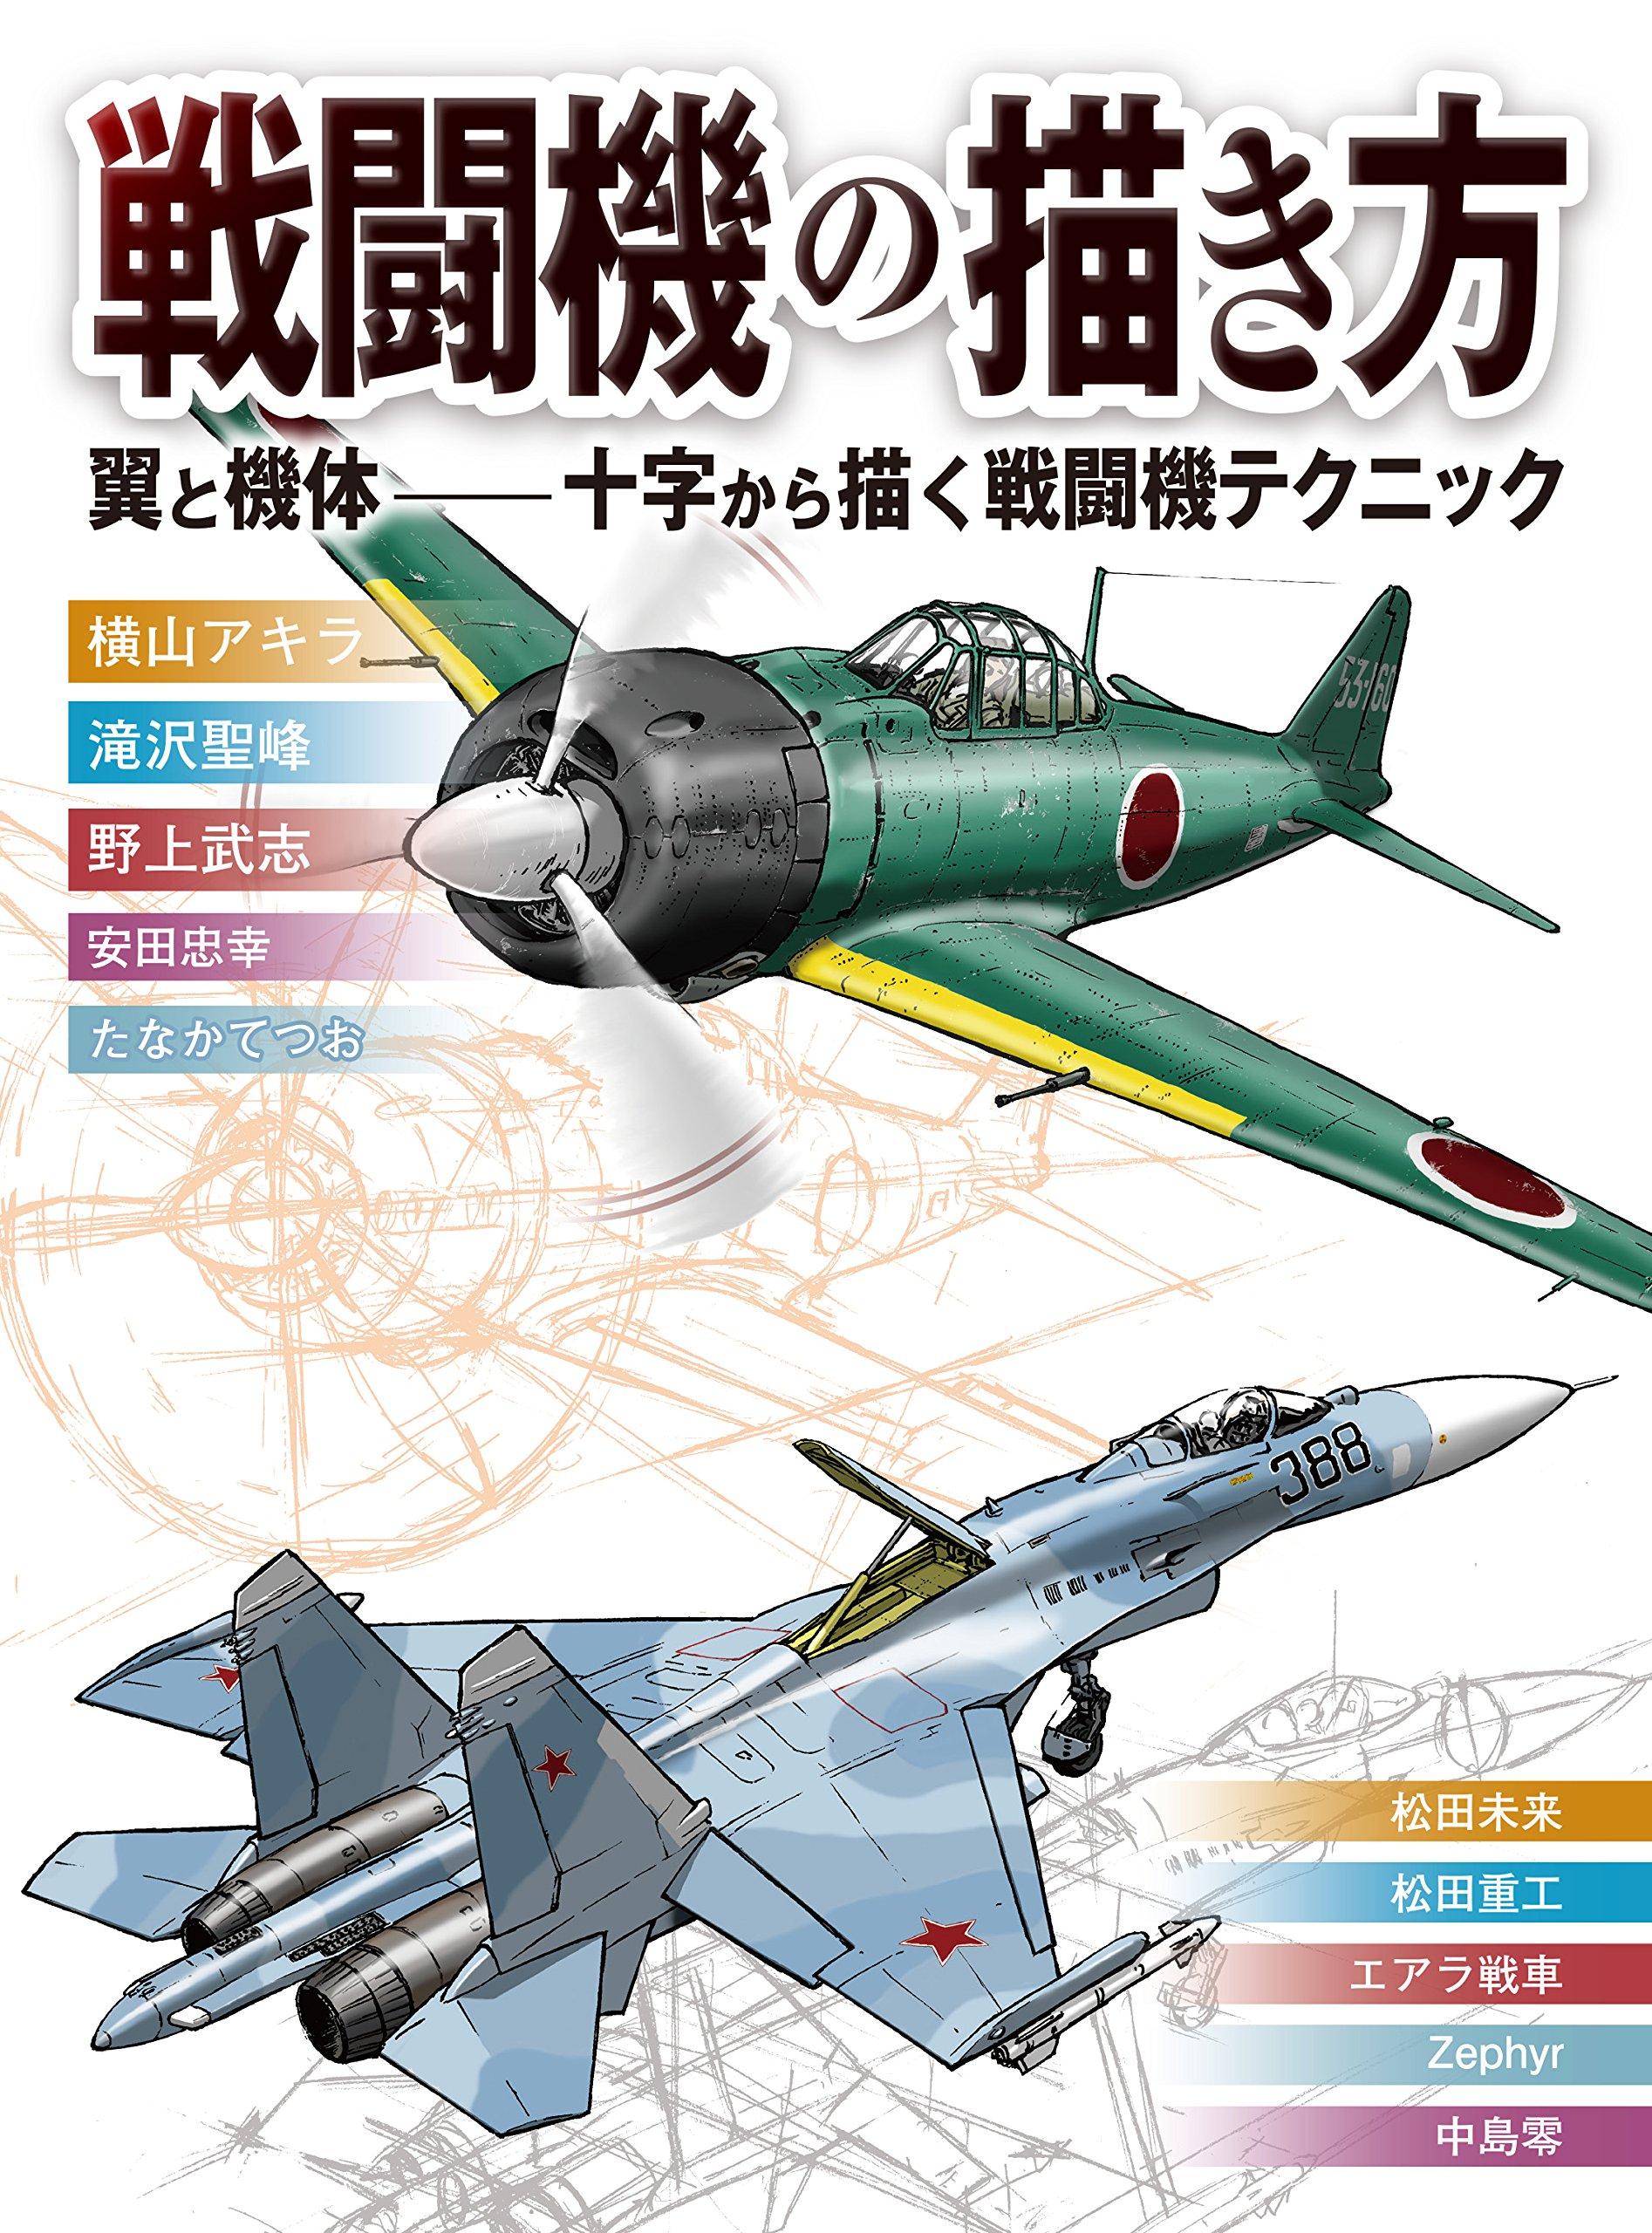 Amazon.co.jp: 戦闘機の描き方 翼と機体― 十字から描く戦闘機 ...